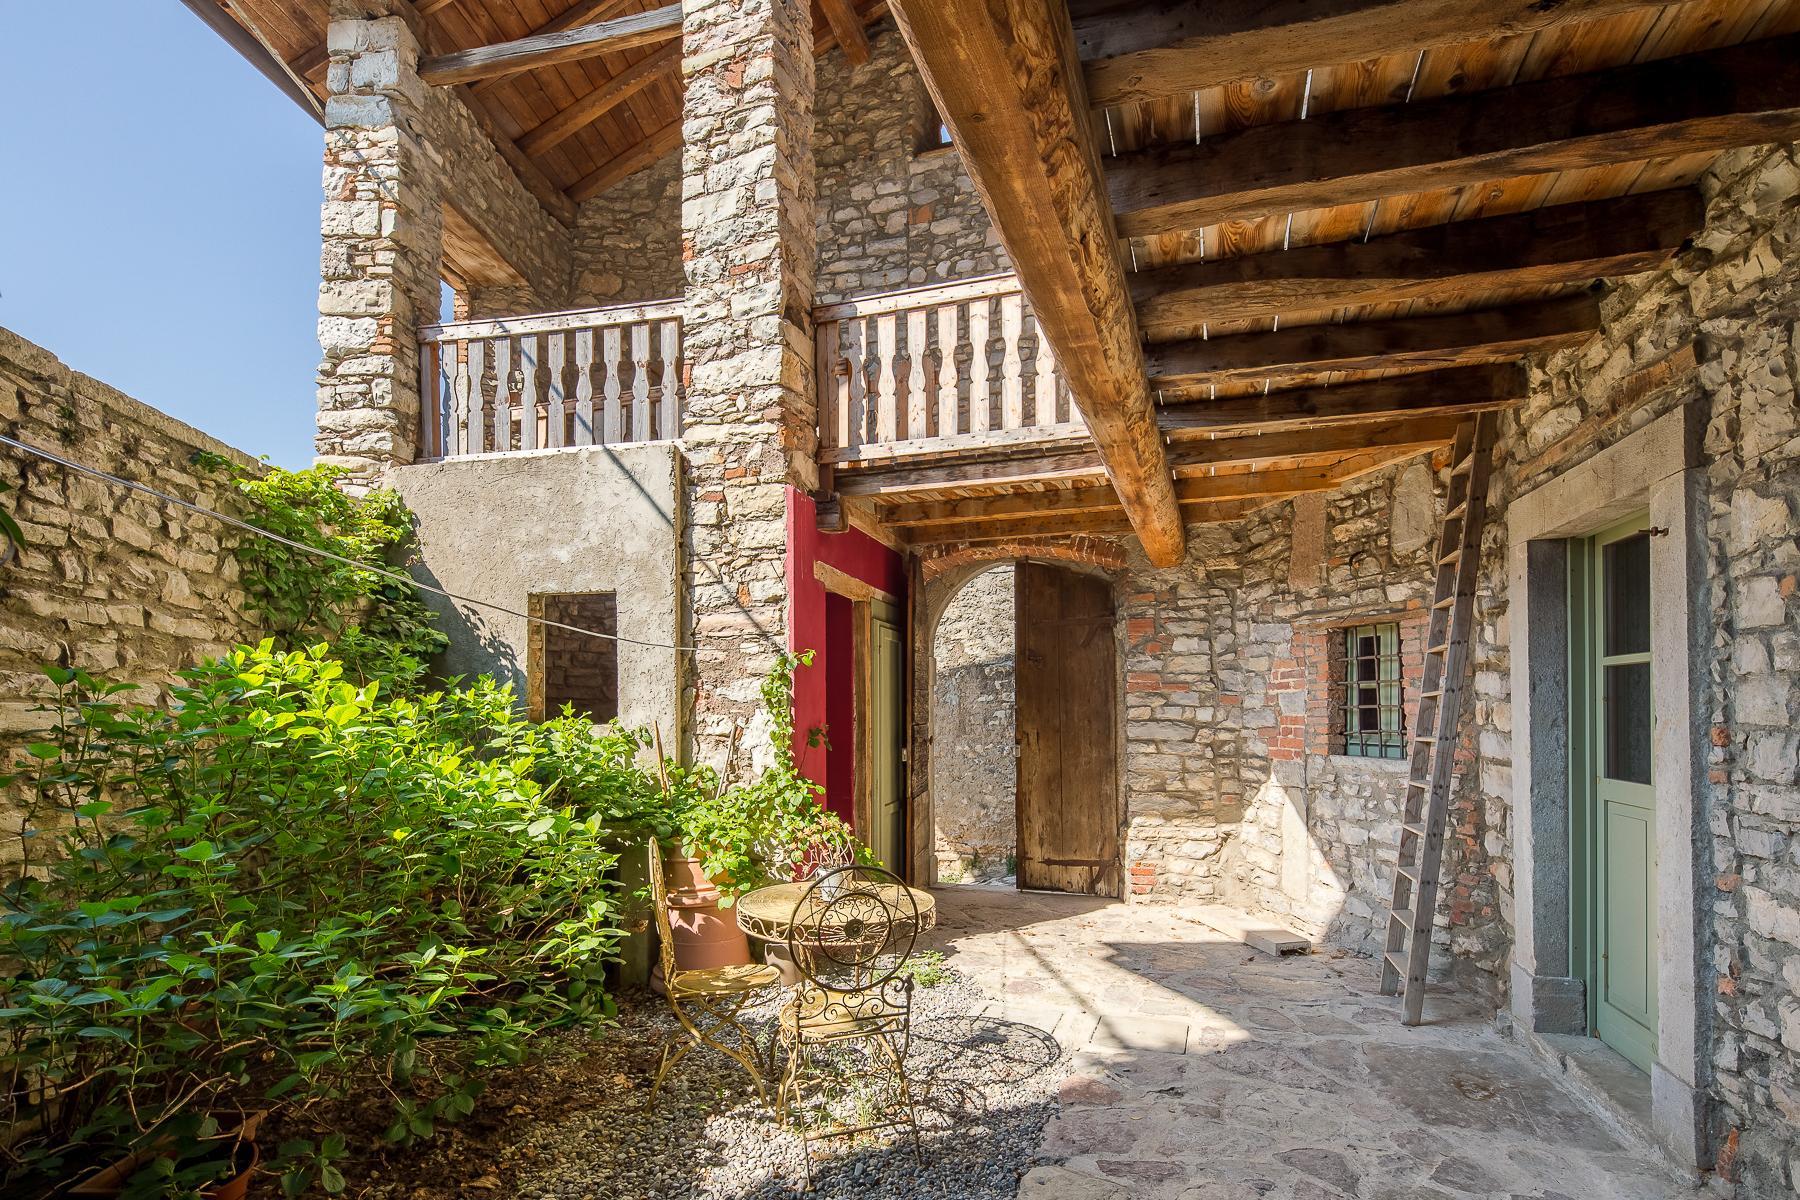 坐落在山坡之上安静村庄内的石头房屋 - 2